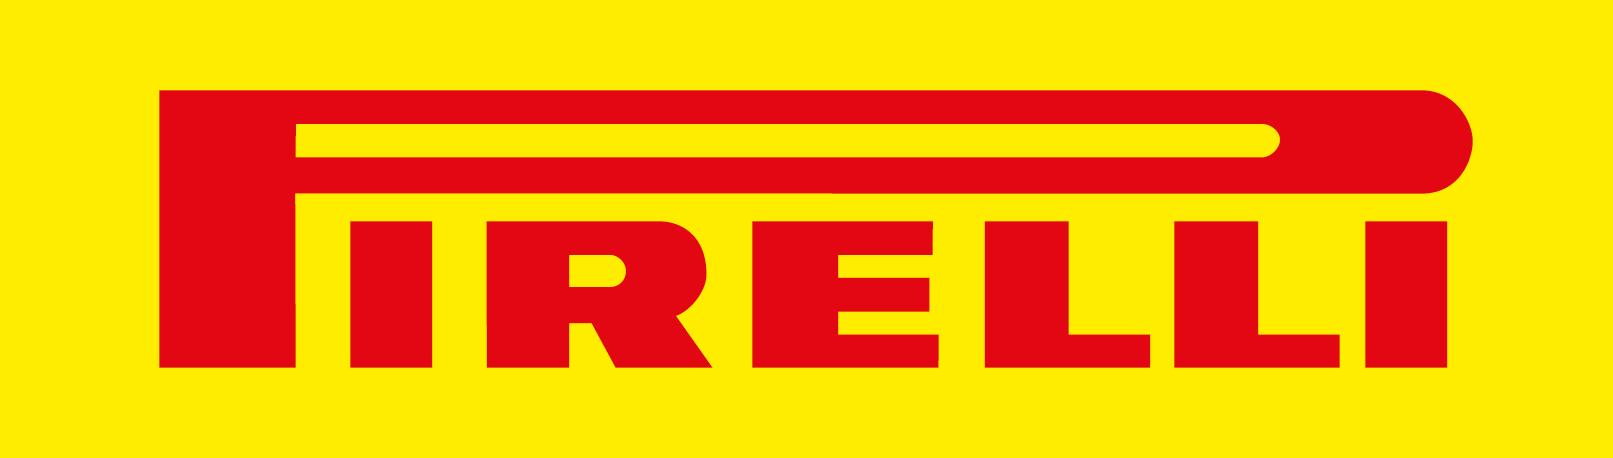 Pirelli clipart black and white download Pirelli Logo Vector Icon Template Clipart Free Download black and white download